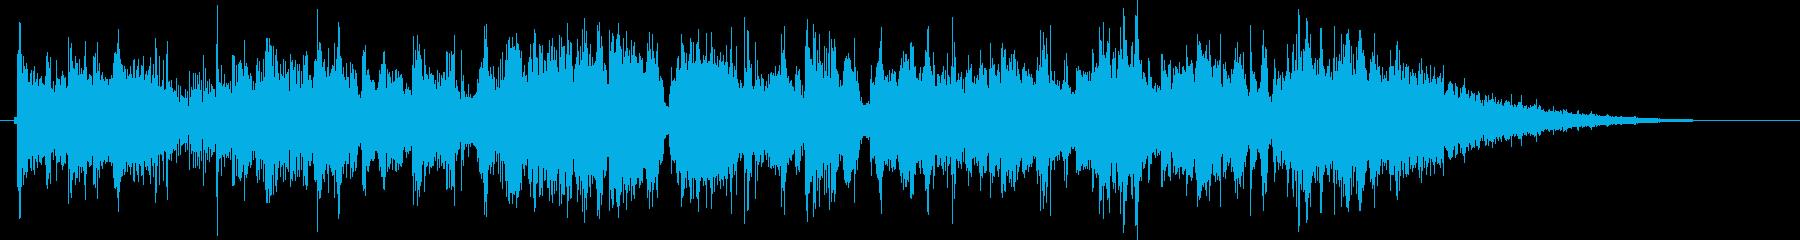 グルーヴィーなジャズファンクジングルの再生済みの波形